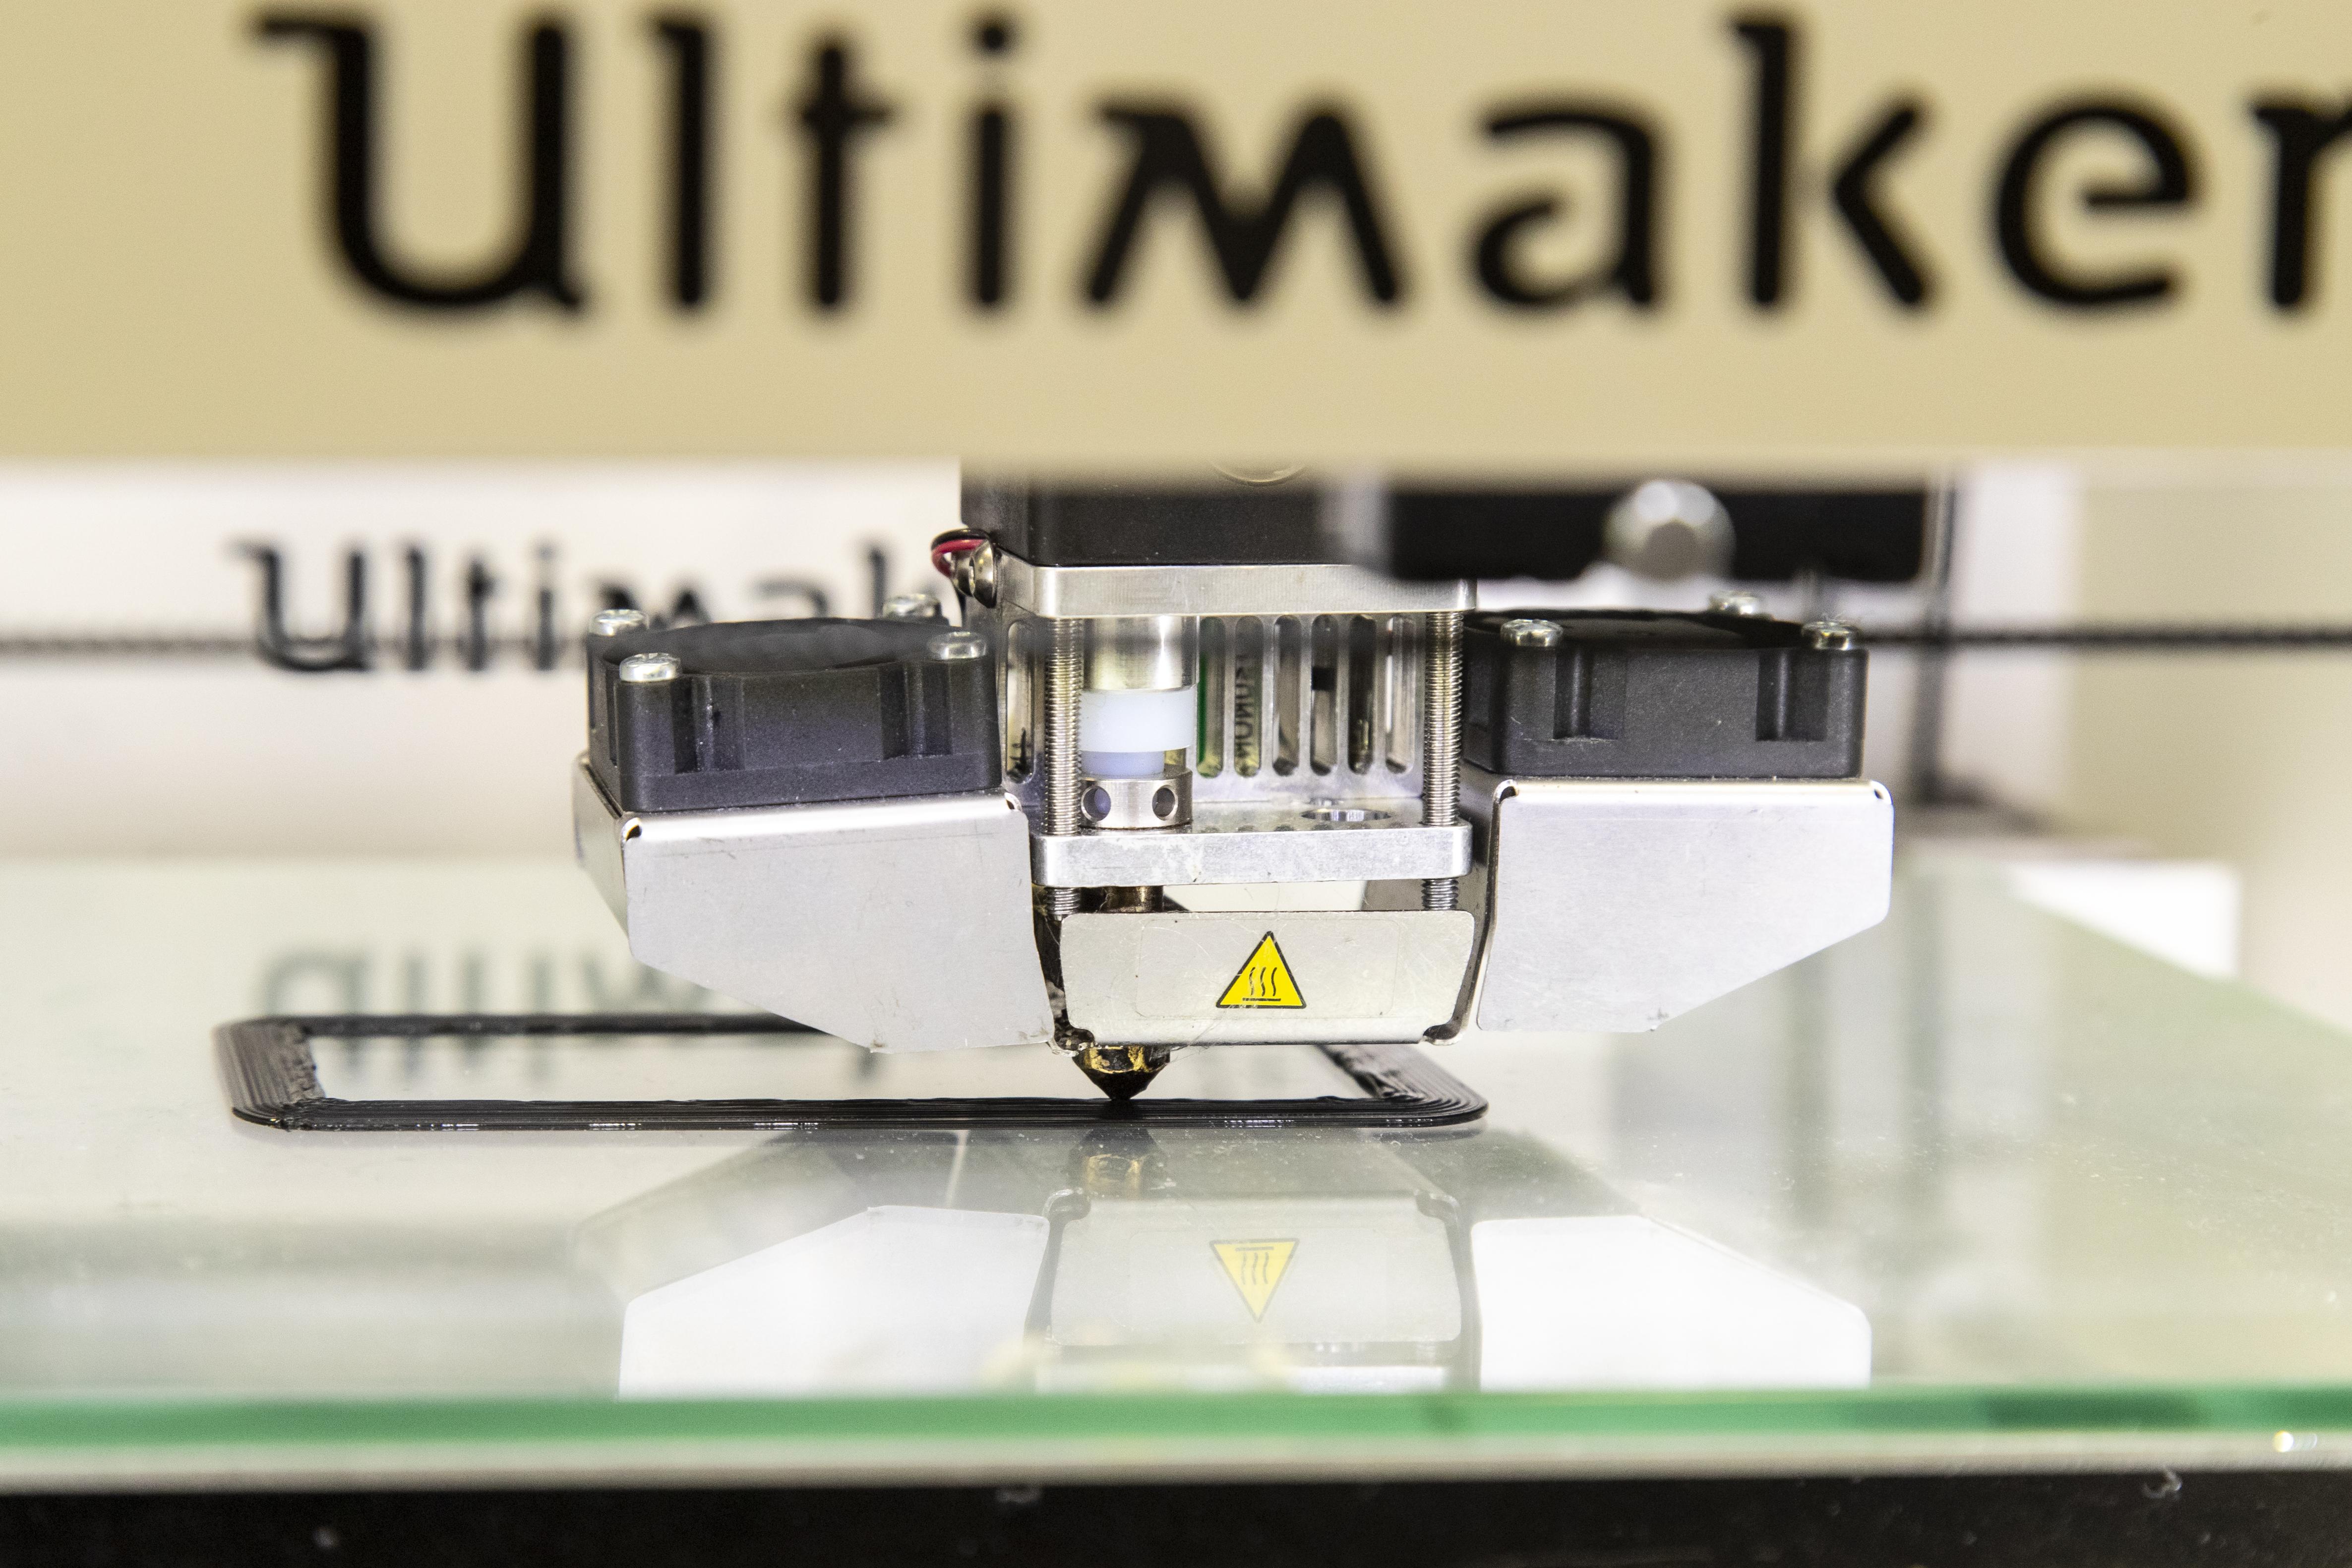 3d printer at the IMD